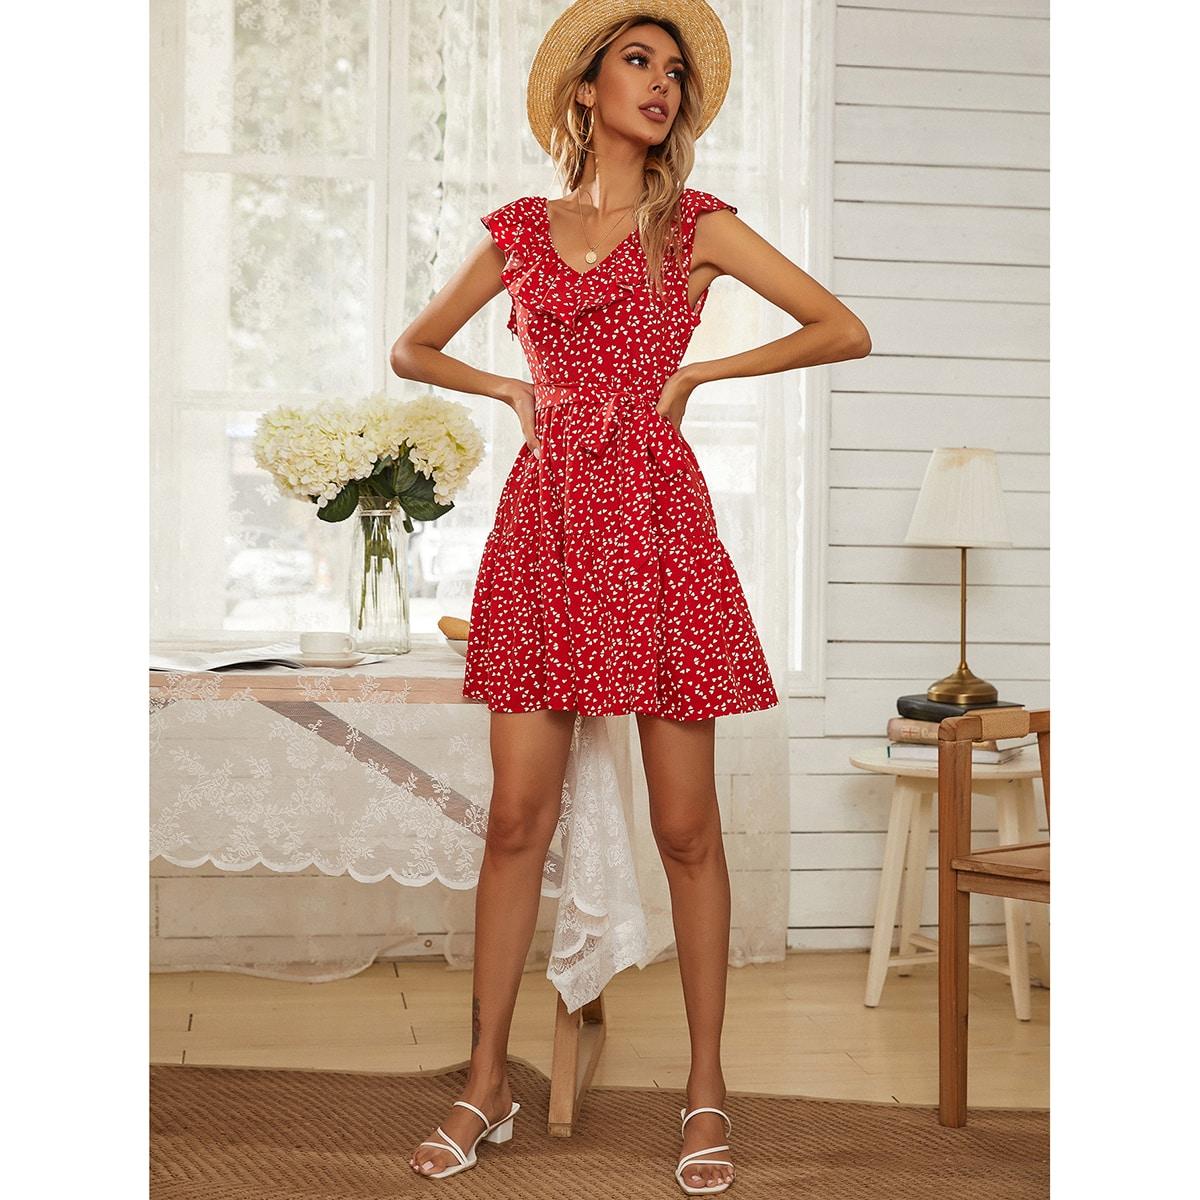 Confetti Heart Ruffle Trim Belted Swing Dress